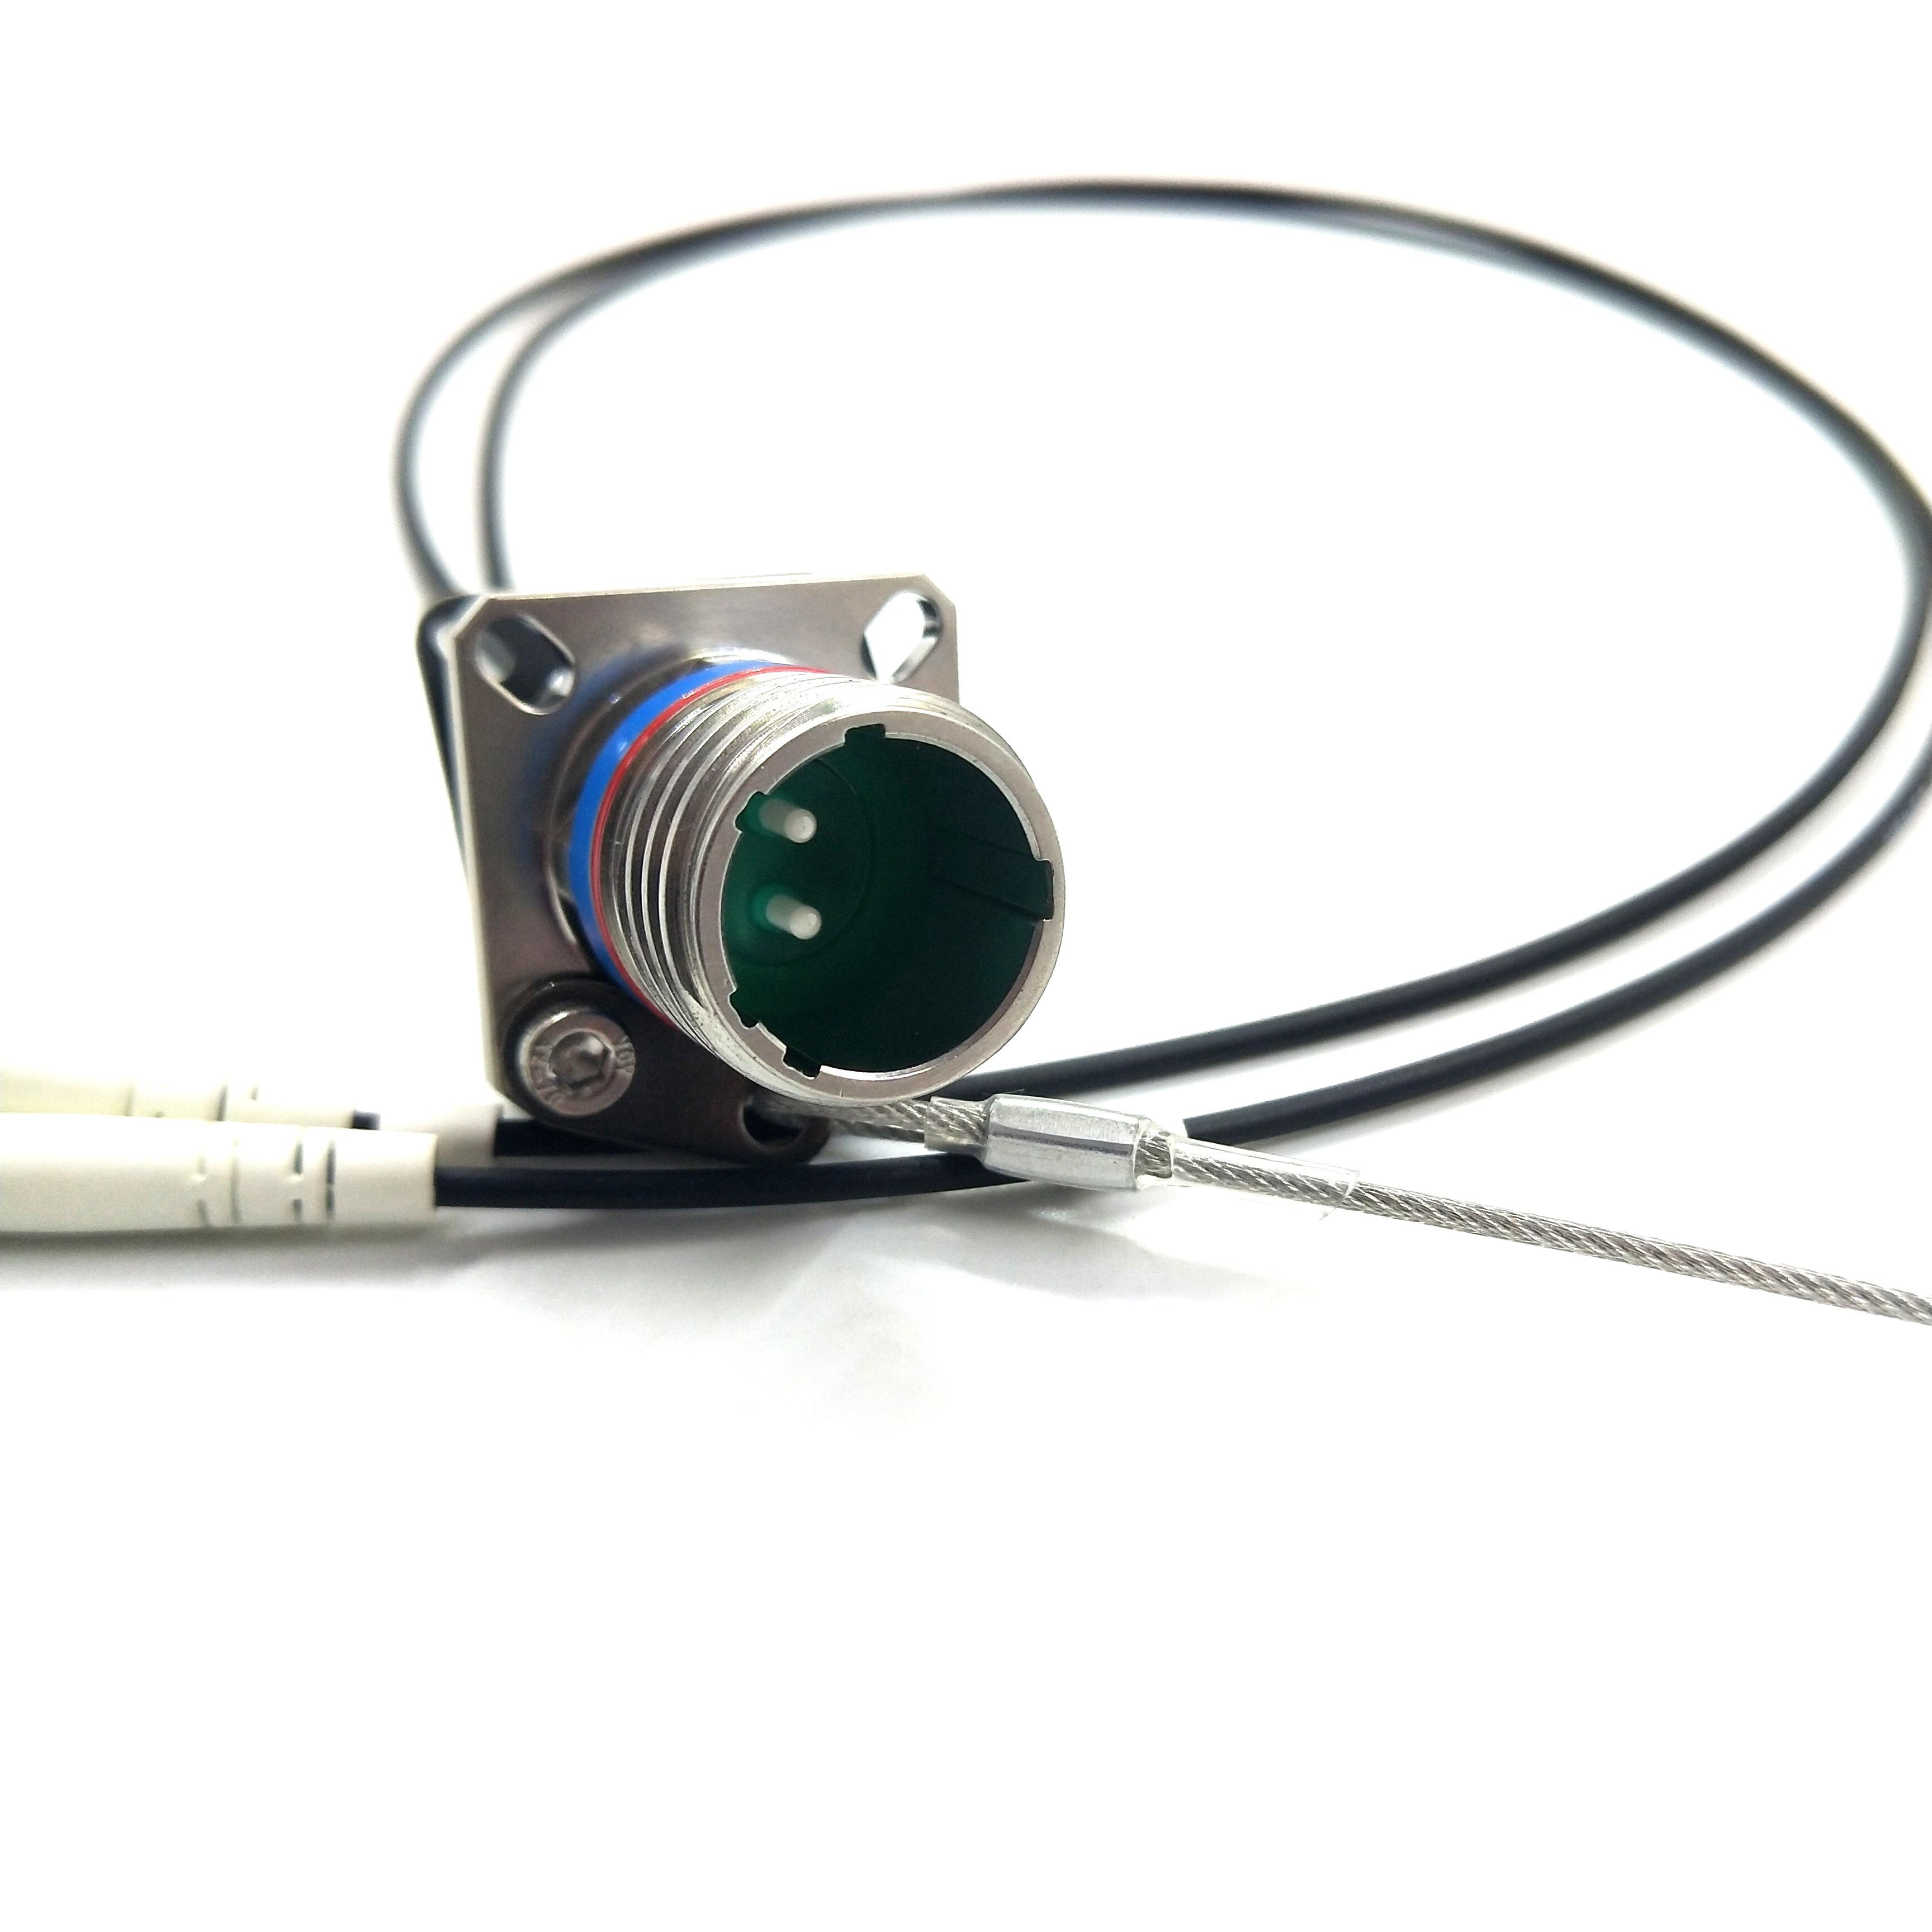 MIL-DTL-38999 Series standard circular connectors Military Tactical 2Cores socket fiber optical Cable Assemblies